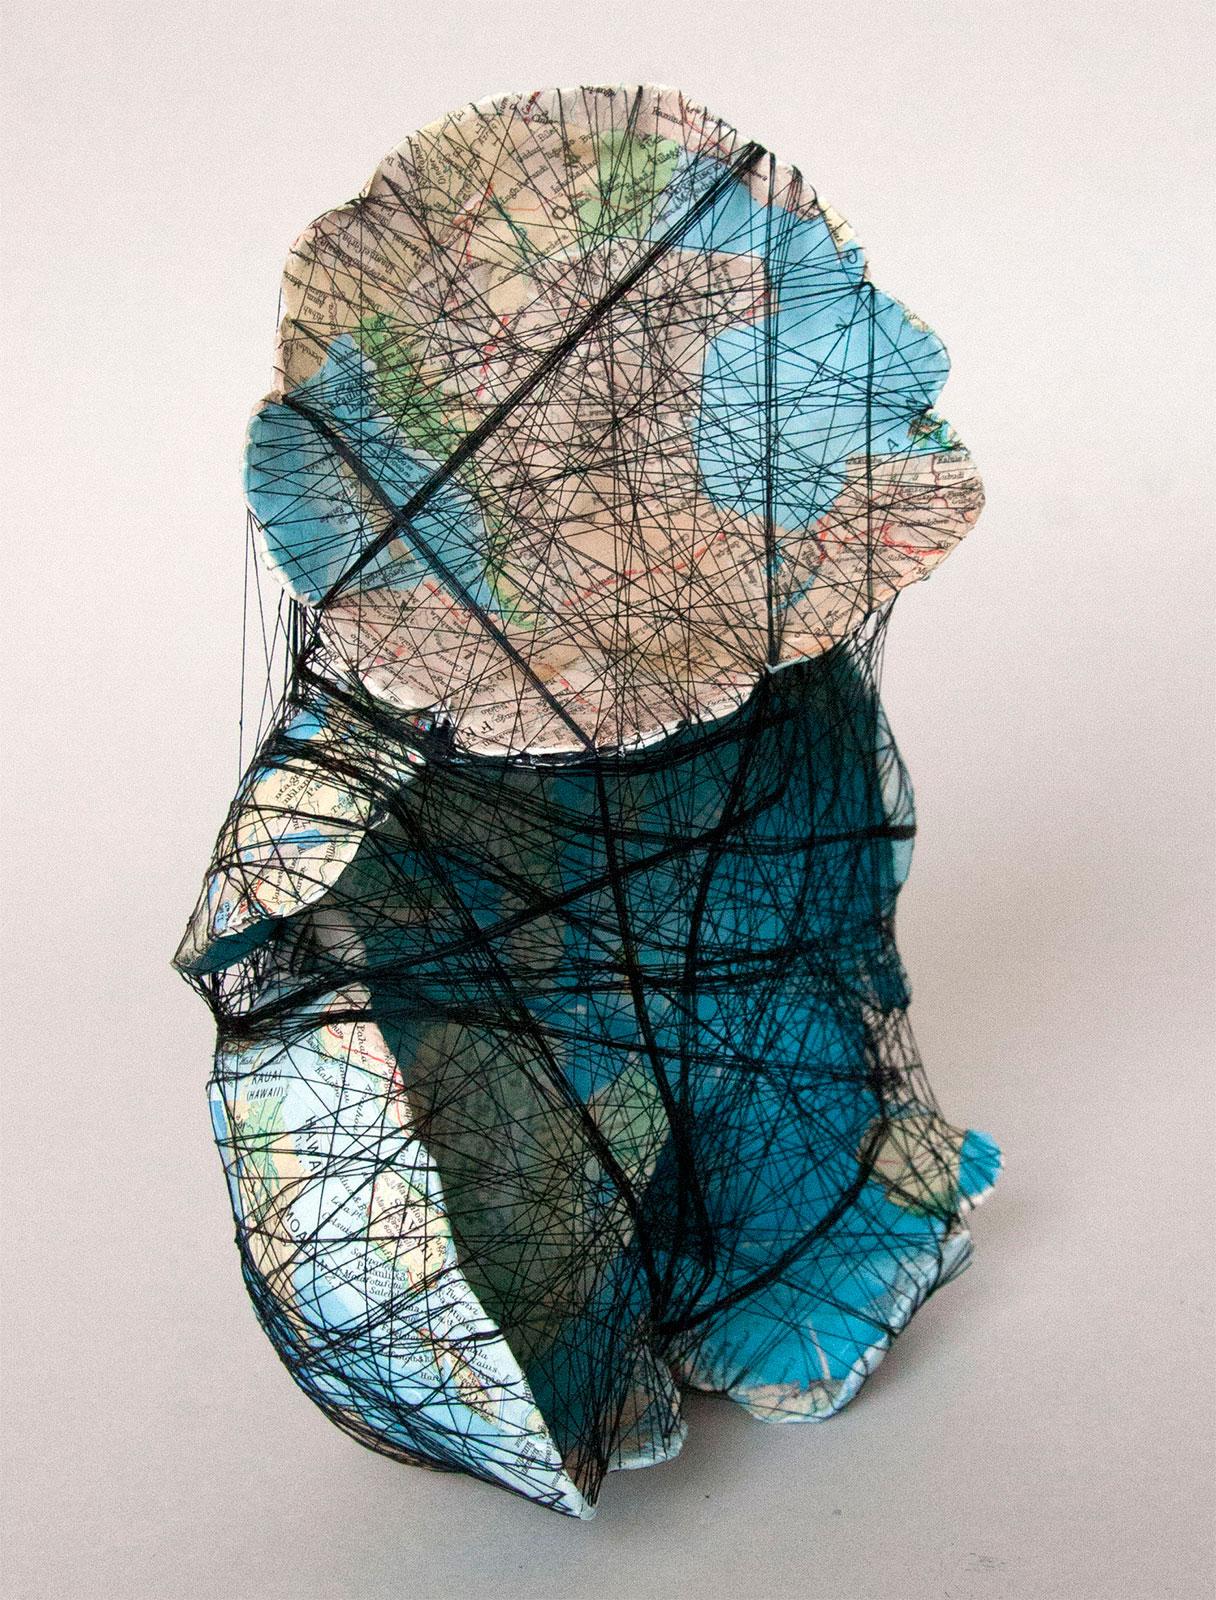 """Hillevi Berglund, """"Baby"""", 2012. Paper, Sewing thread, 22 x 15 x 12 cm"""